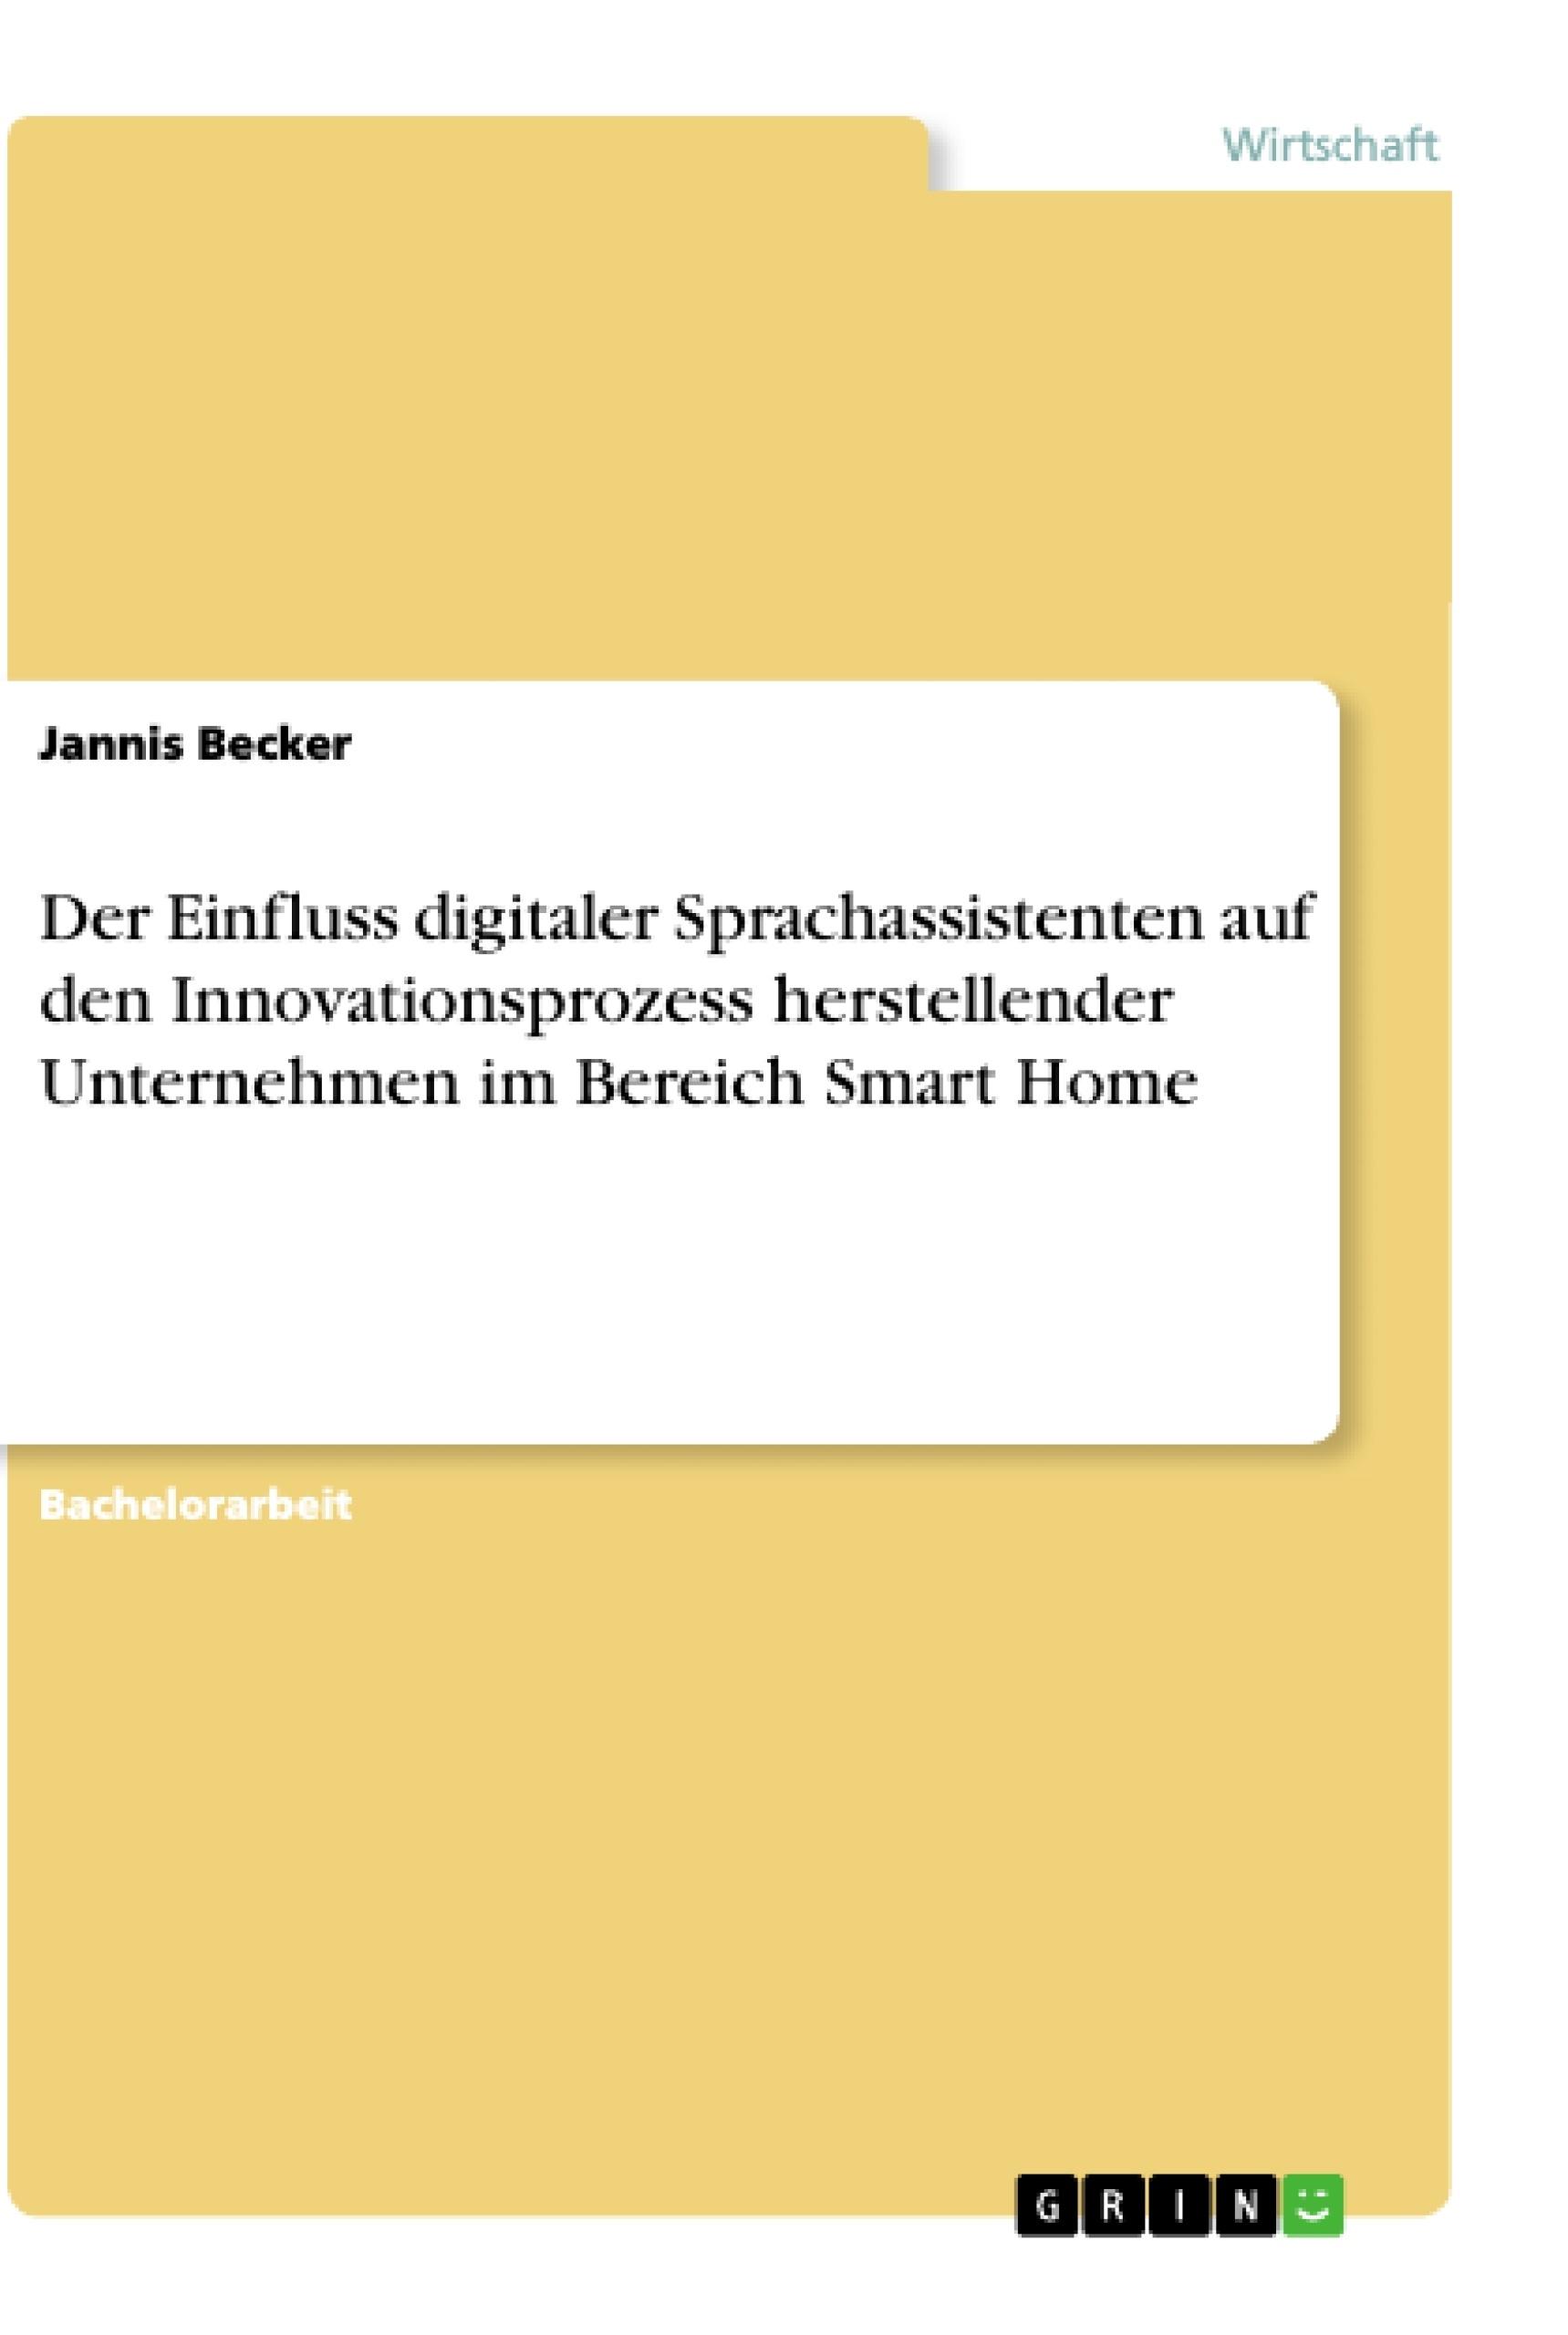 Titel: Der Einfluss digitaler Sprachassistenten auf den Innovationsprozess herstellender Unternehmen im Bereich Smart Home